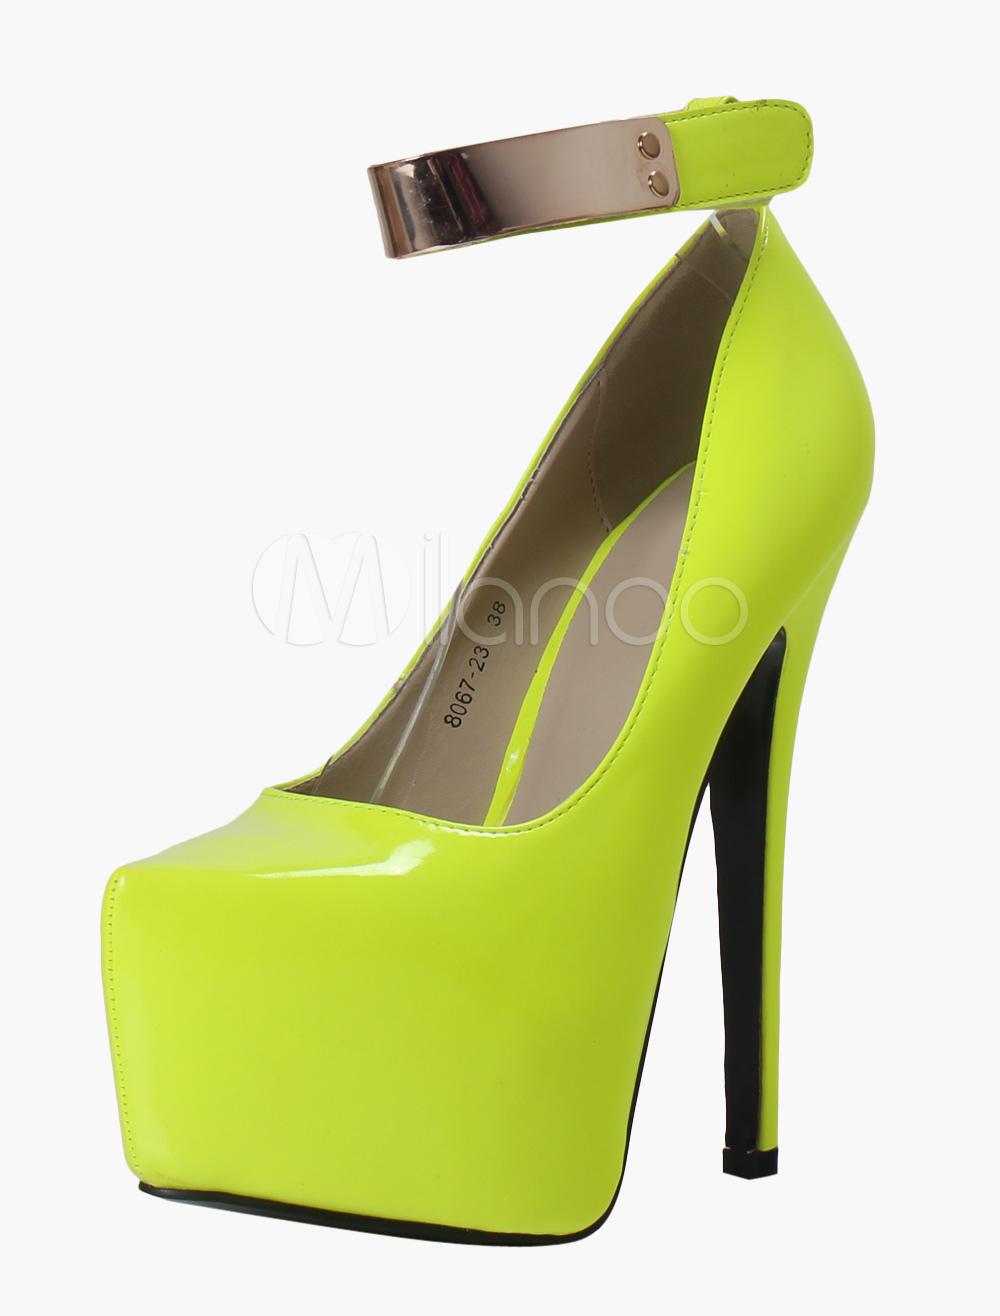 Chaussures à talons aigus et bout pointu en PU jaune fluo avec velcro -No.